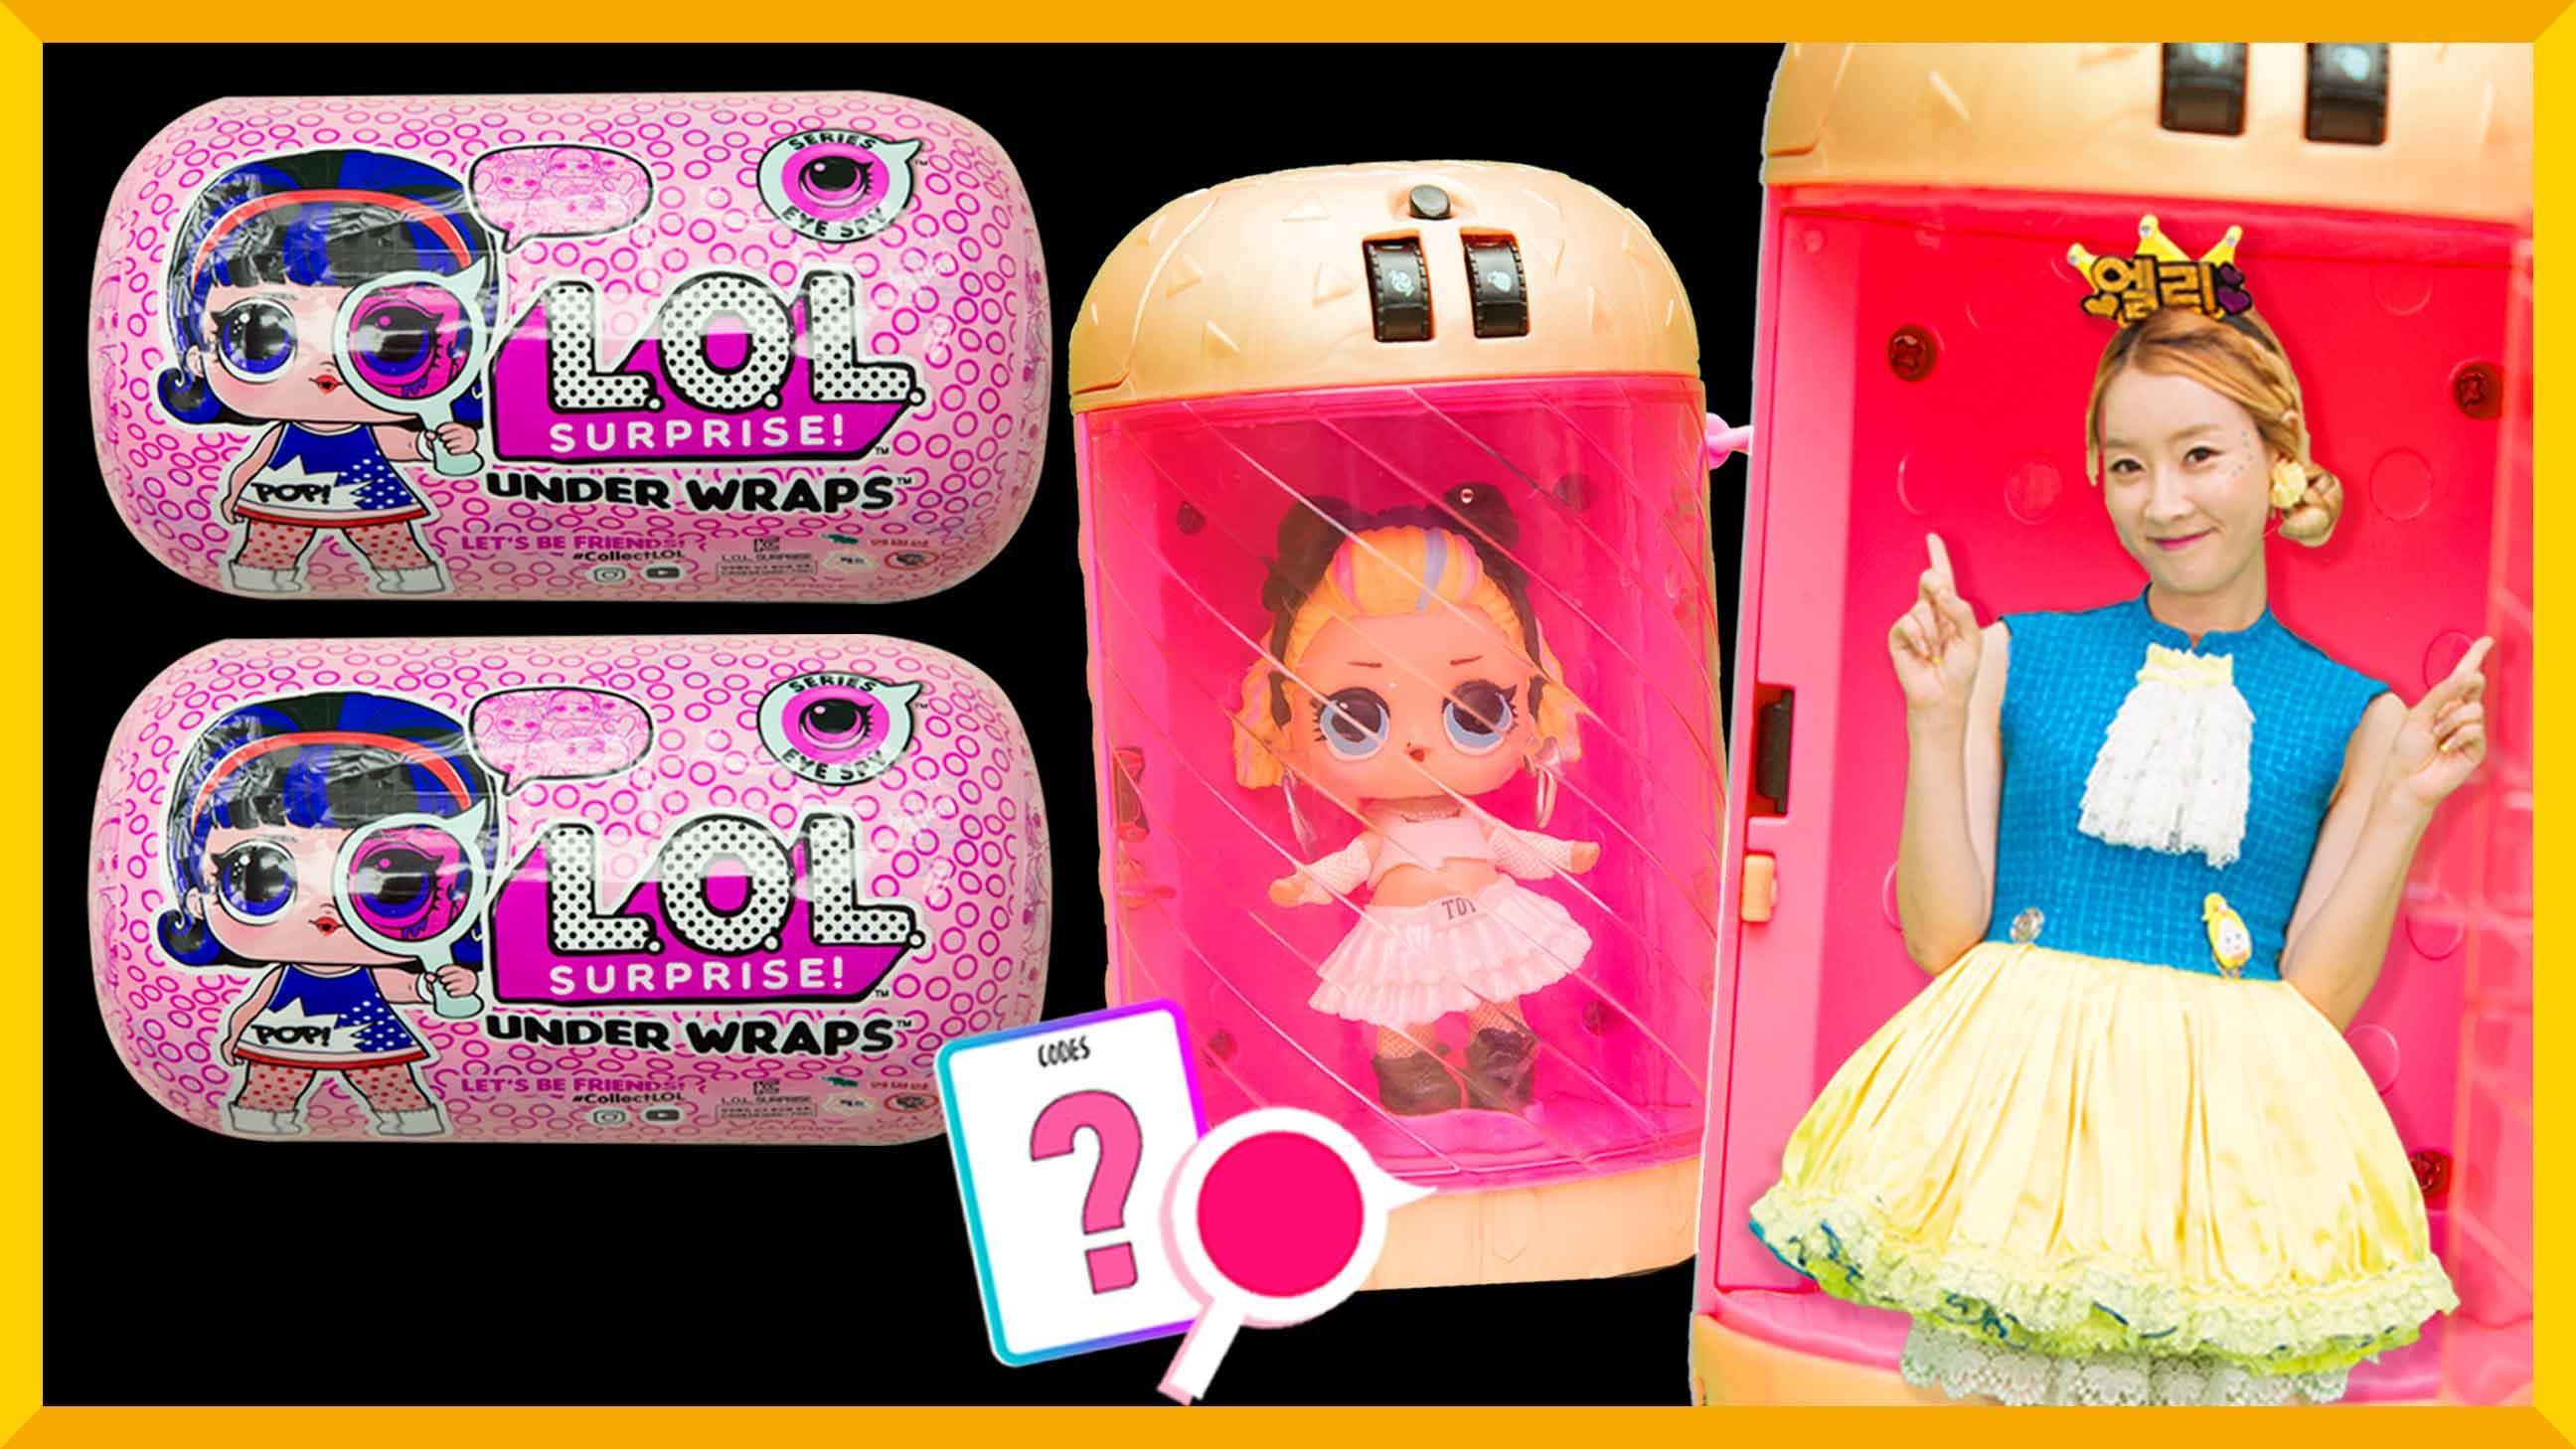 粉红公主小妹!超可爱的LOL娃娃开箱   爱丽和故事  EllieAndStory